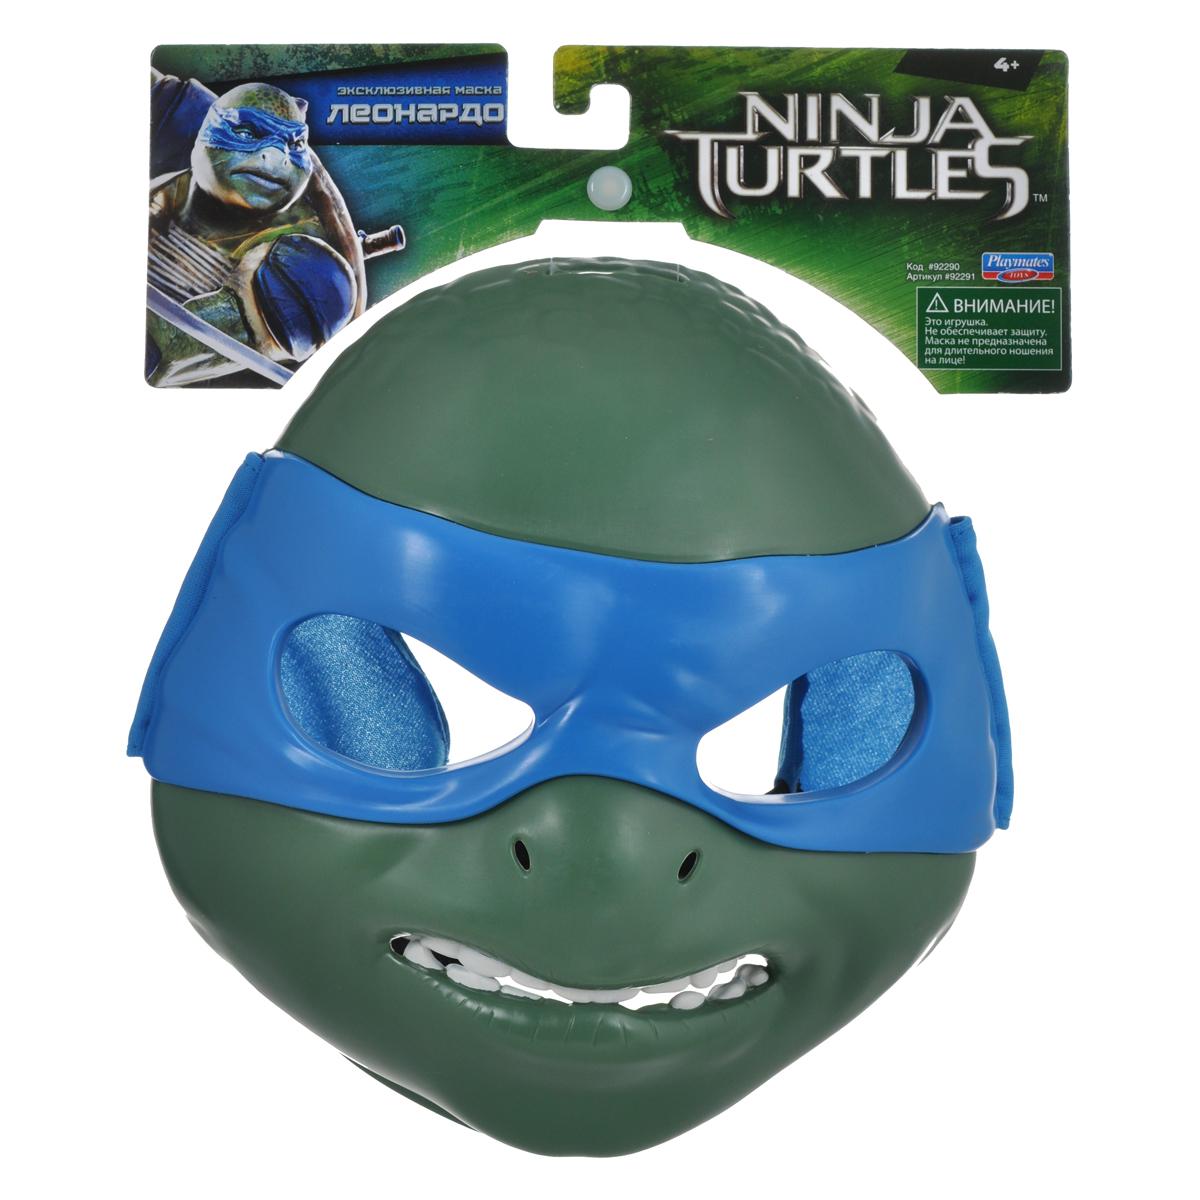 """У вашего ребенка намечается детский утренник, бал-маскарад или карнавал? Маска Turtles """"Черепашки-Ниндзя: Леонардо"""" внесет нотку задора и веселья в праздник и станет завершающим штрихом в создании праздничного образа. Маска имеет прорези для глаз и держится на голове при помощи эластичных ремешков на липучке. Внутри маски находится специальная резиновая накладка по контуру глаз и носа. С маской Turtles """"Черепашки-Ниндзя: Леонардо"""" перевоплощение в любимого супергероя станет мгновенным!"""